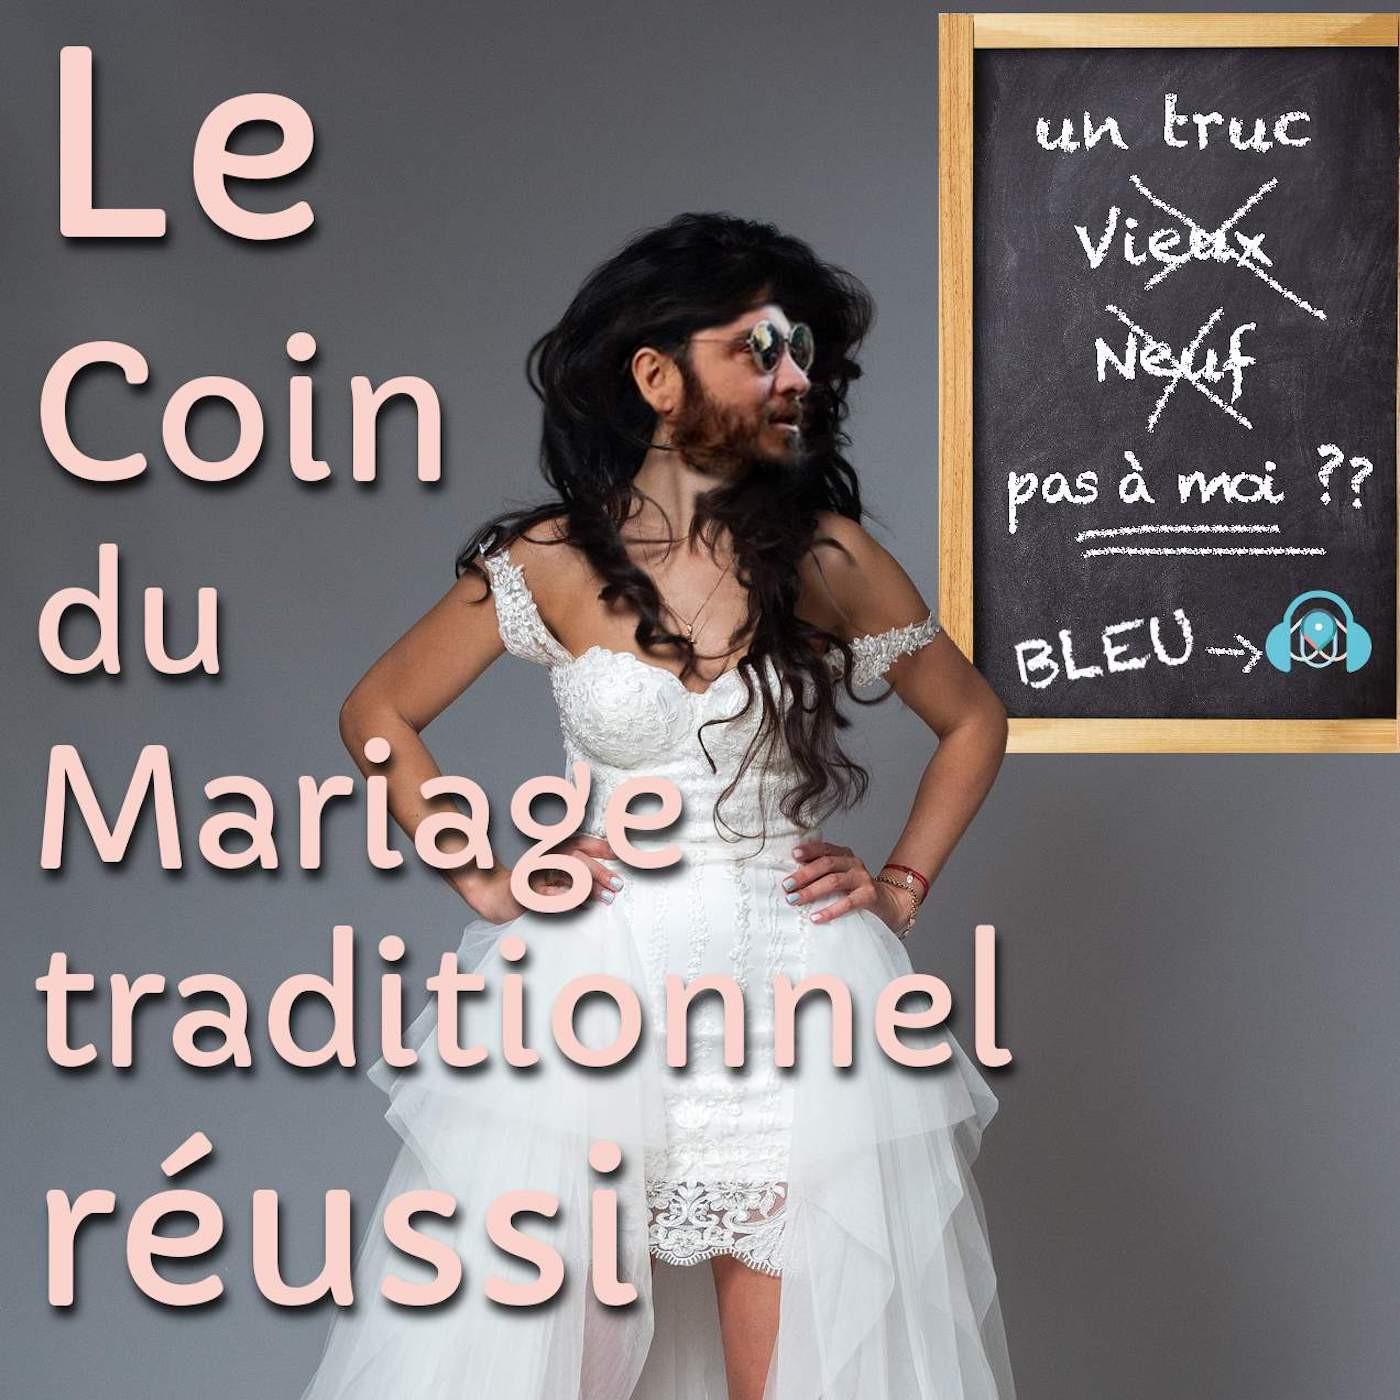 LE COIN DU MARIAGE TRADITIONNEL RÉUSSI S1E4